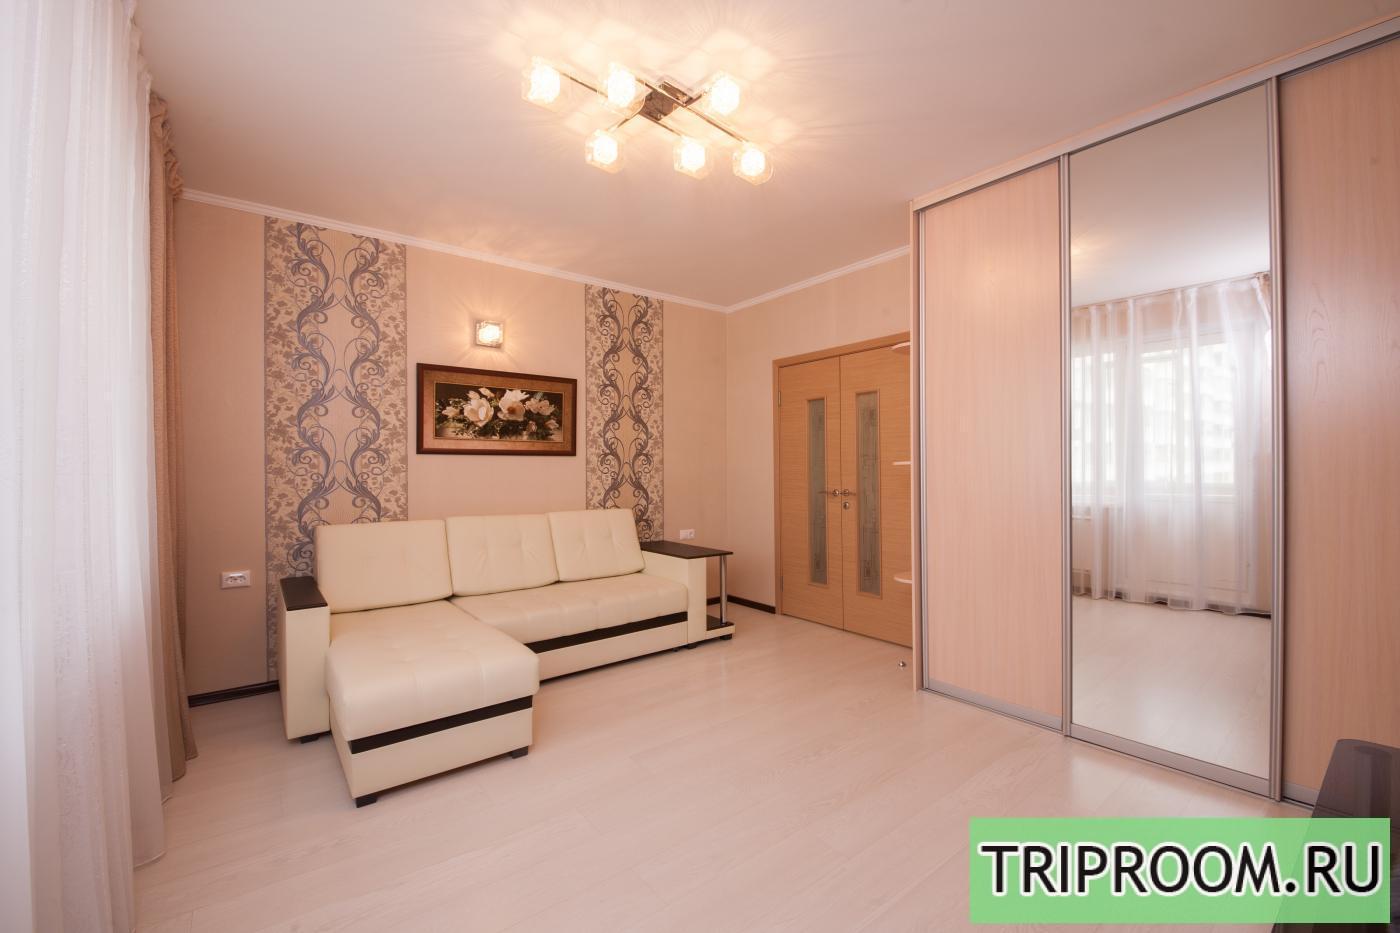 3-комнатная квартира посуточно (вариант № 12384), ул. Весны улица, фото № 2